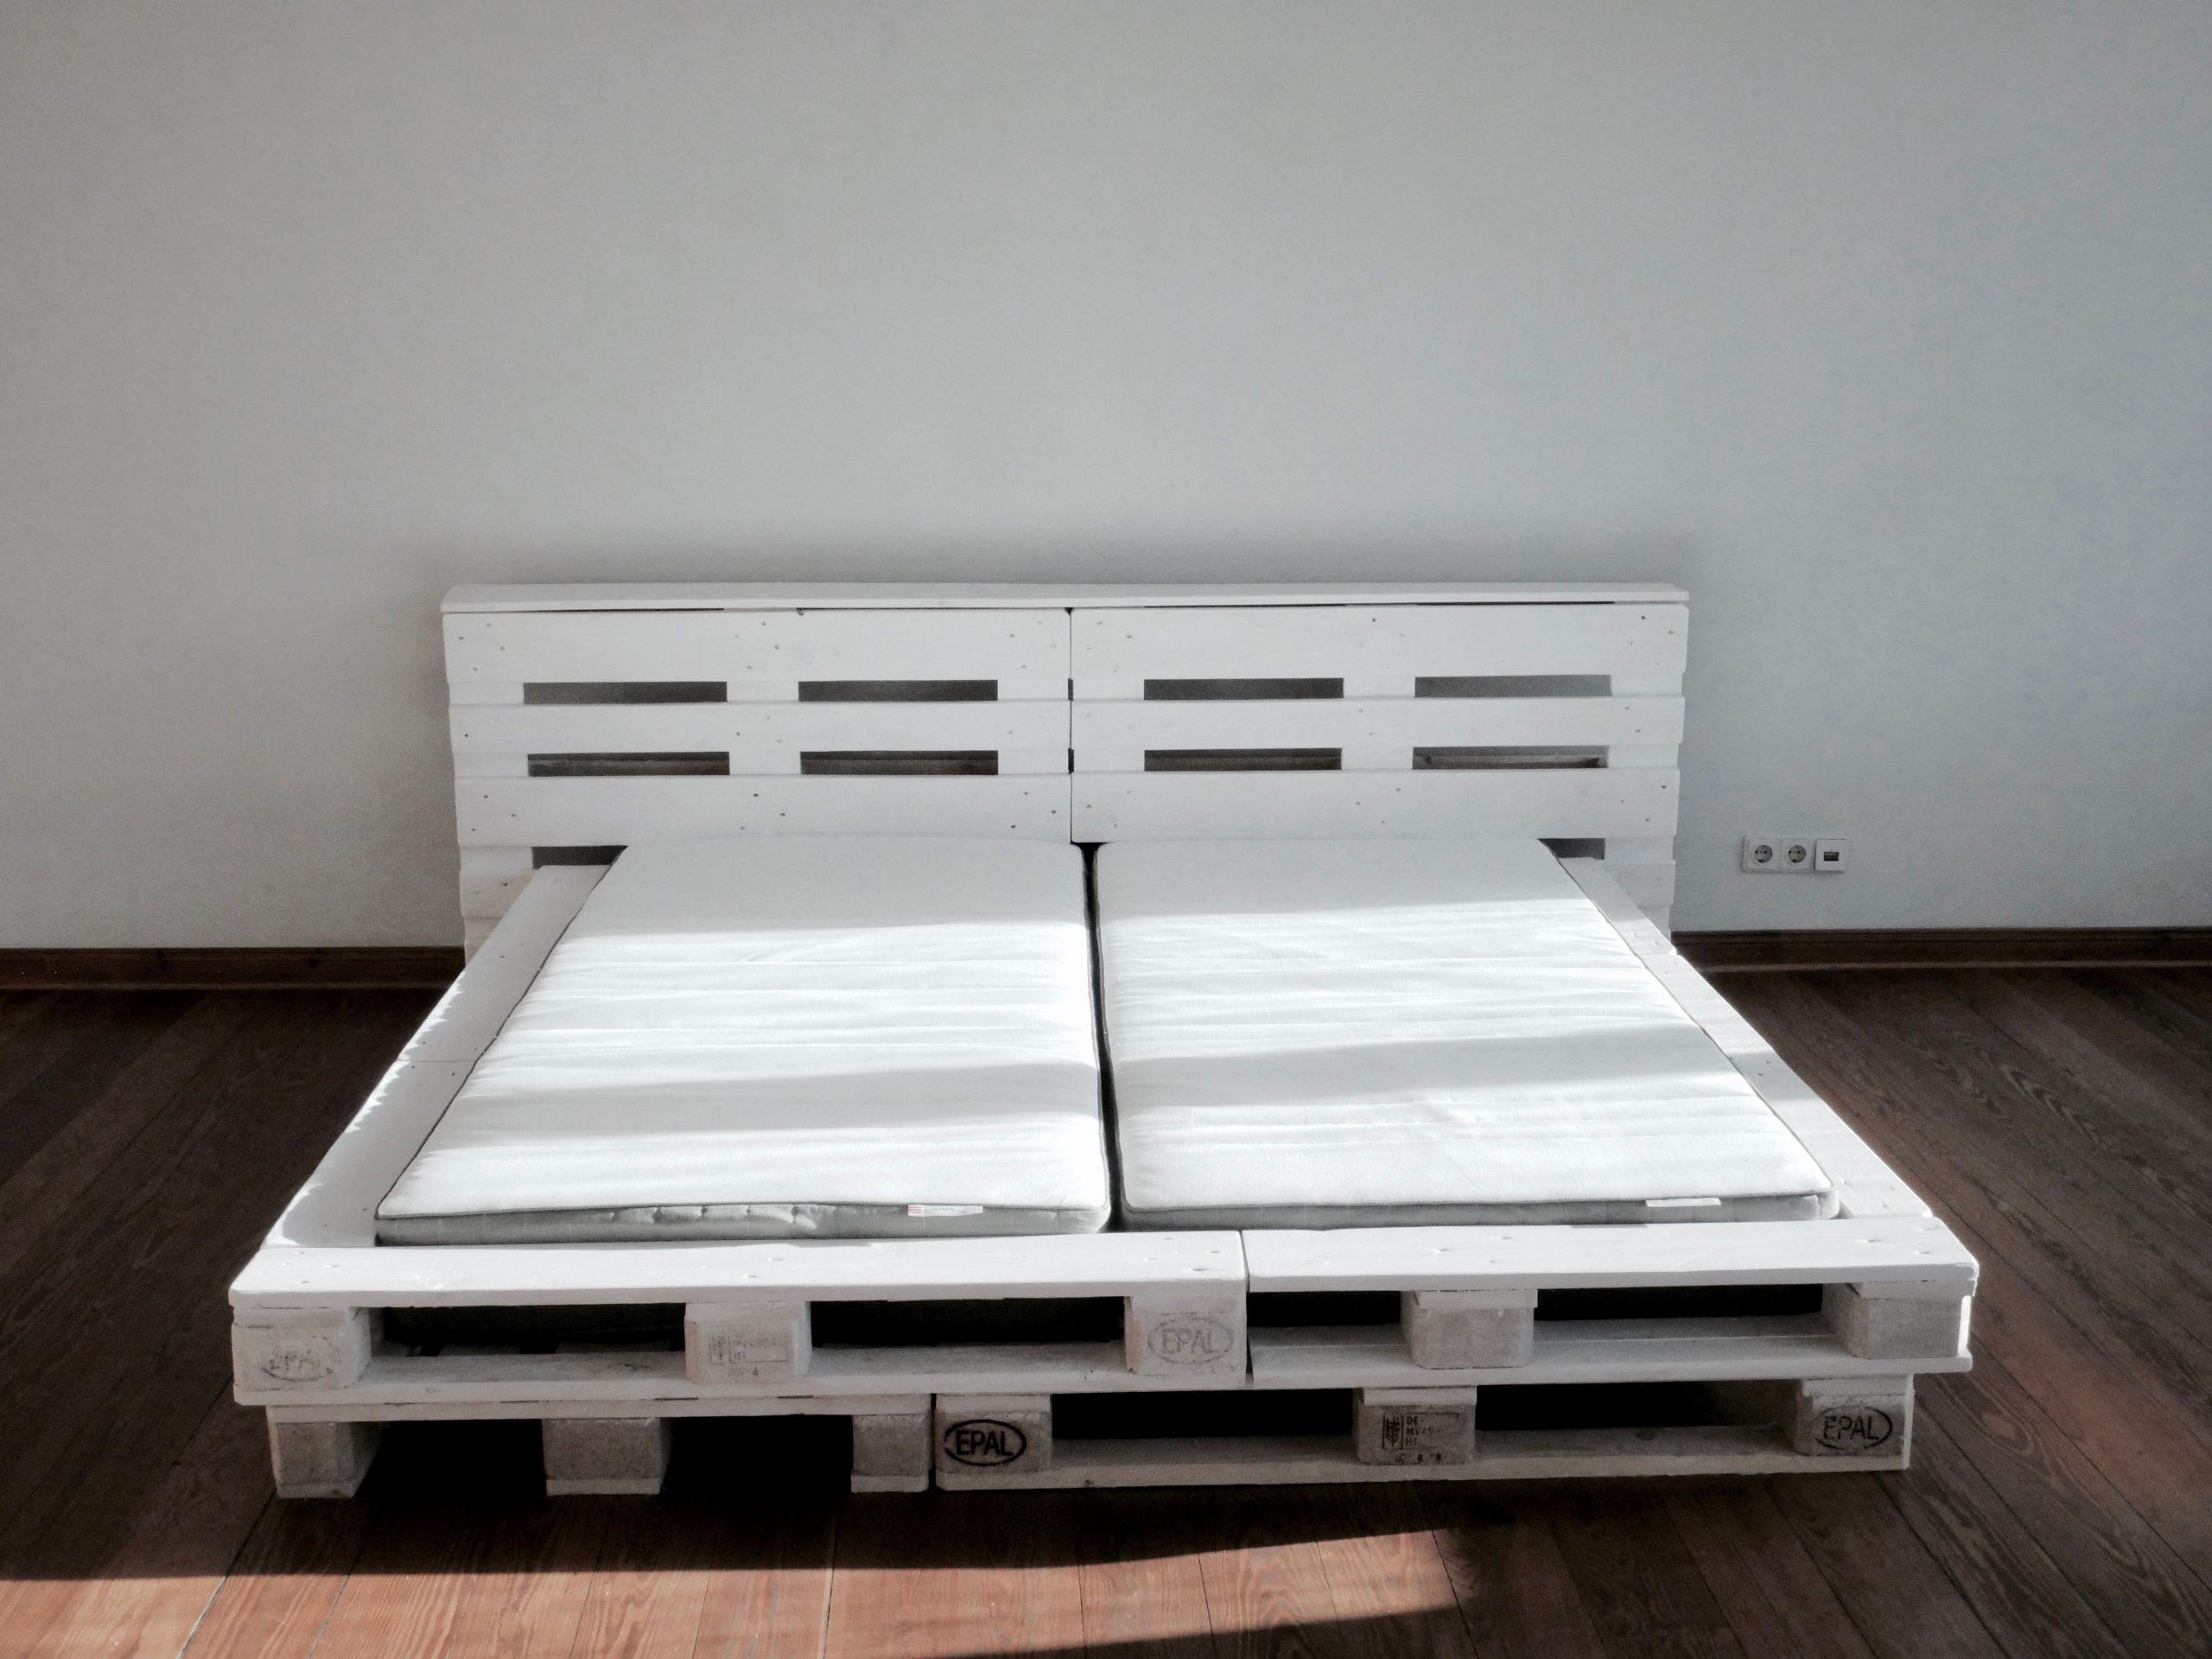 Full Size of Bett Paletten Aus Kaufen 160x200 120x200 Lattenrost Bauen 90x200 Selbst Wir Haben Ein Super Schnes 180x200 Cm Palettenbett Gebaut Wie Günstige Betten Mit Wohnzimmer Bett Paletten